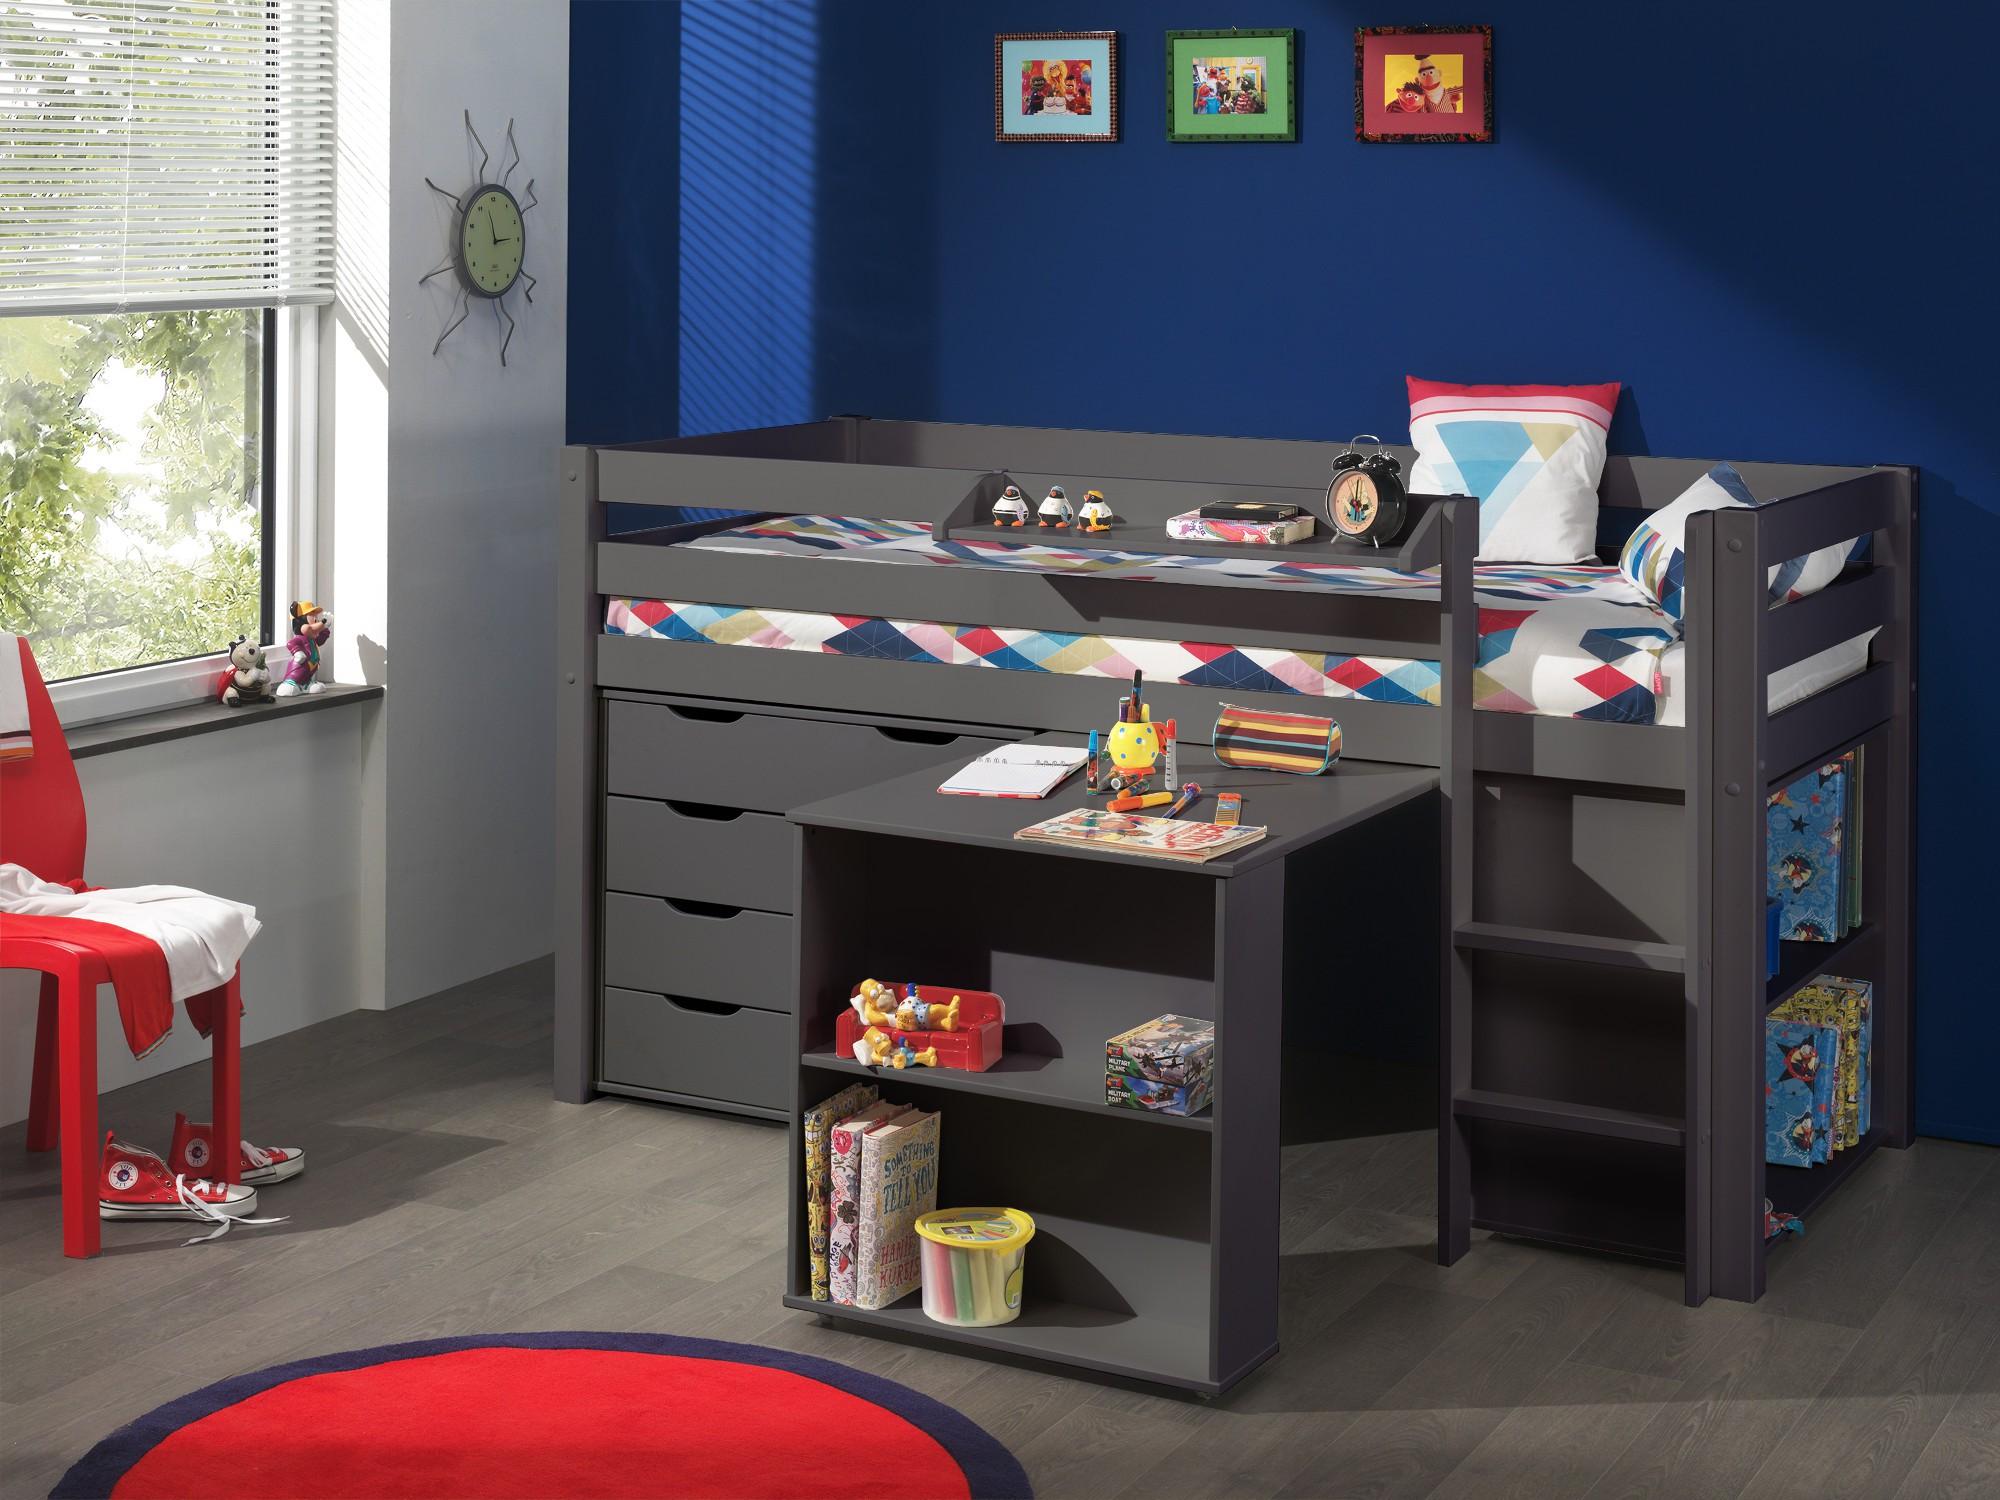 funktionshochbett. Black Bedroom Furniture Sets. Home Design Ideas